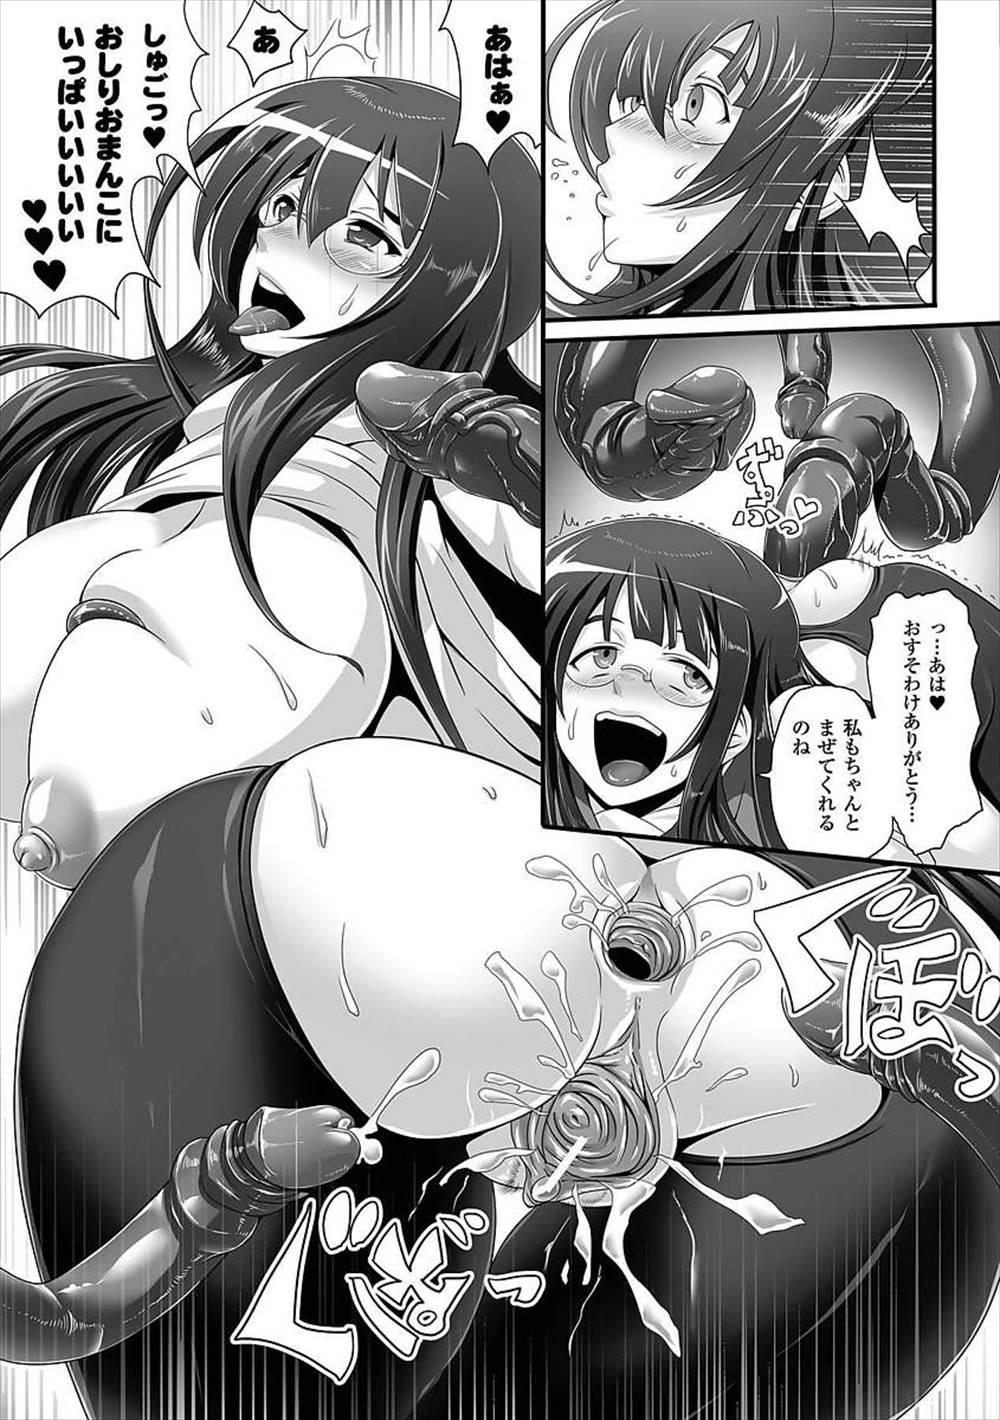 【エロ漫画】得体の知らない卵から生まれた触手に襲われてJKが襲われアヘ顔快楽堕ちww